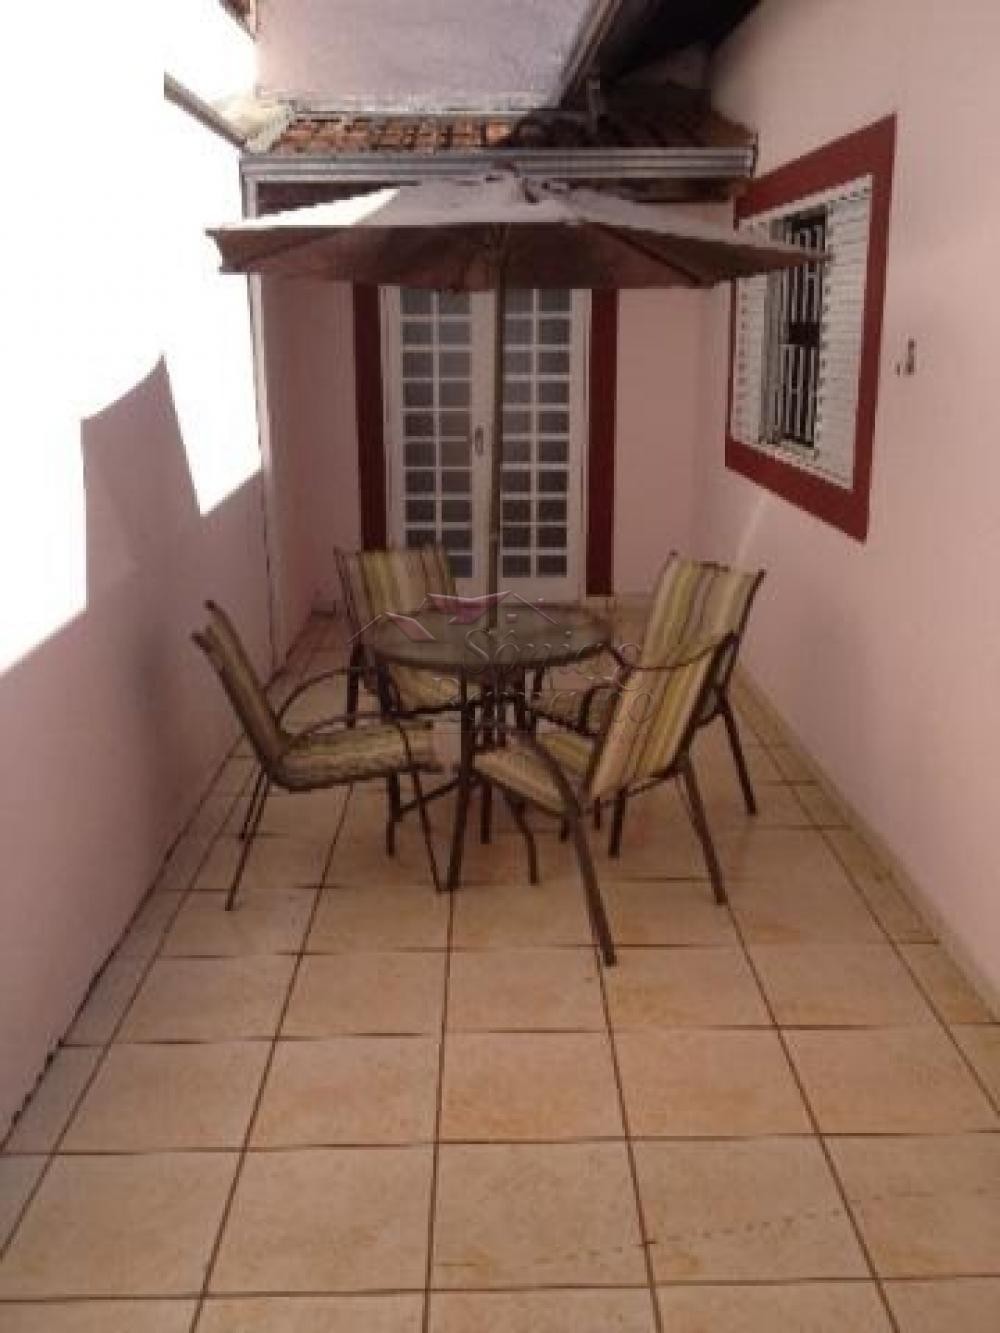 Comprar Casas / Condomínio em Ribeirão Preto apenas R$ 270.000,00 - Foto 8